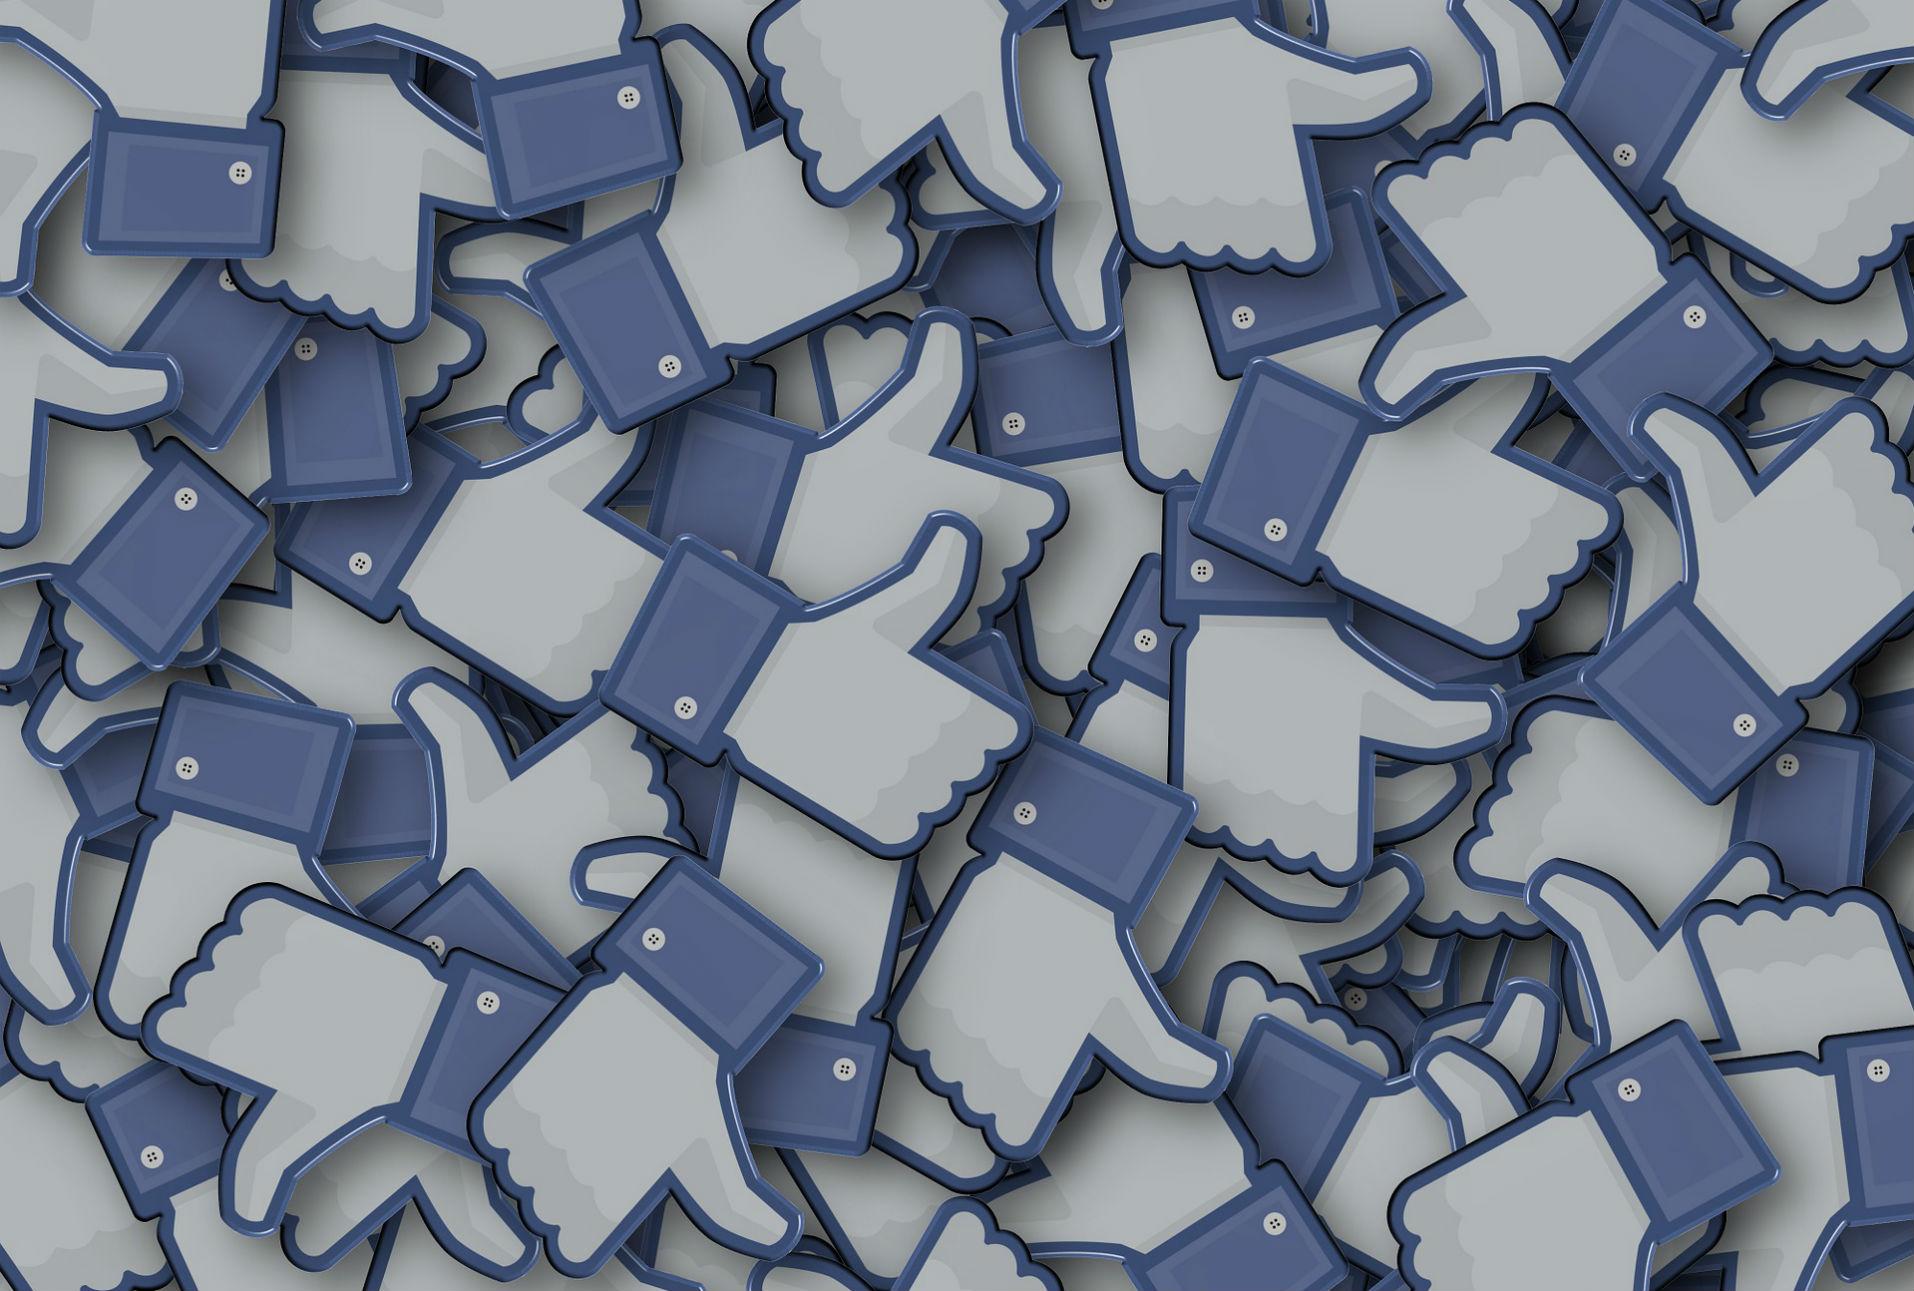 Facebook intentó evadir consentimiento de usuarios para registrar sus llamadas, revela parlamento de Reino Unido